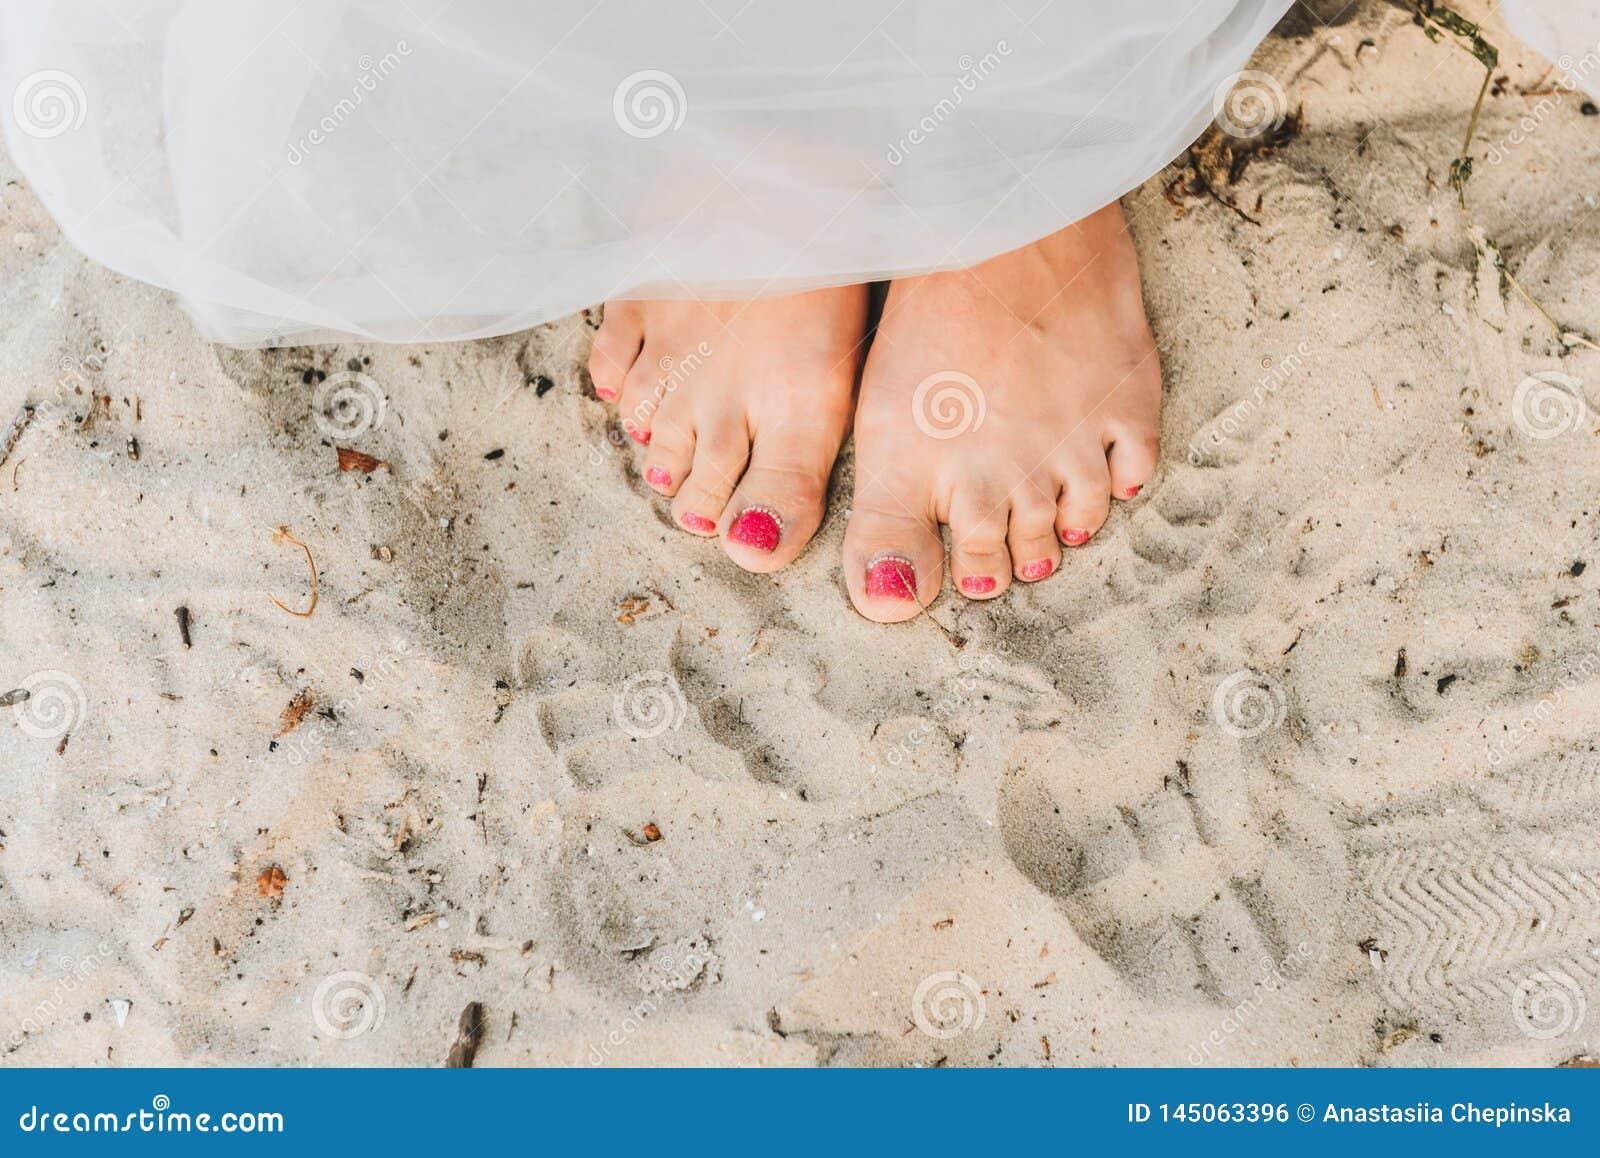 Γυναίκα που στέκεται χωρίς παπούτσια σε μια παραλία